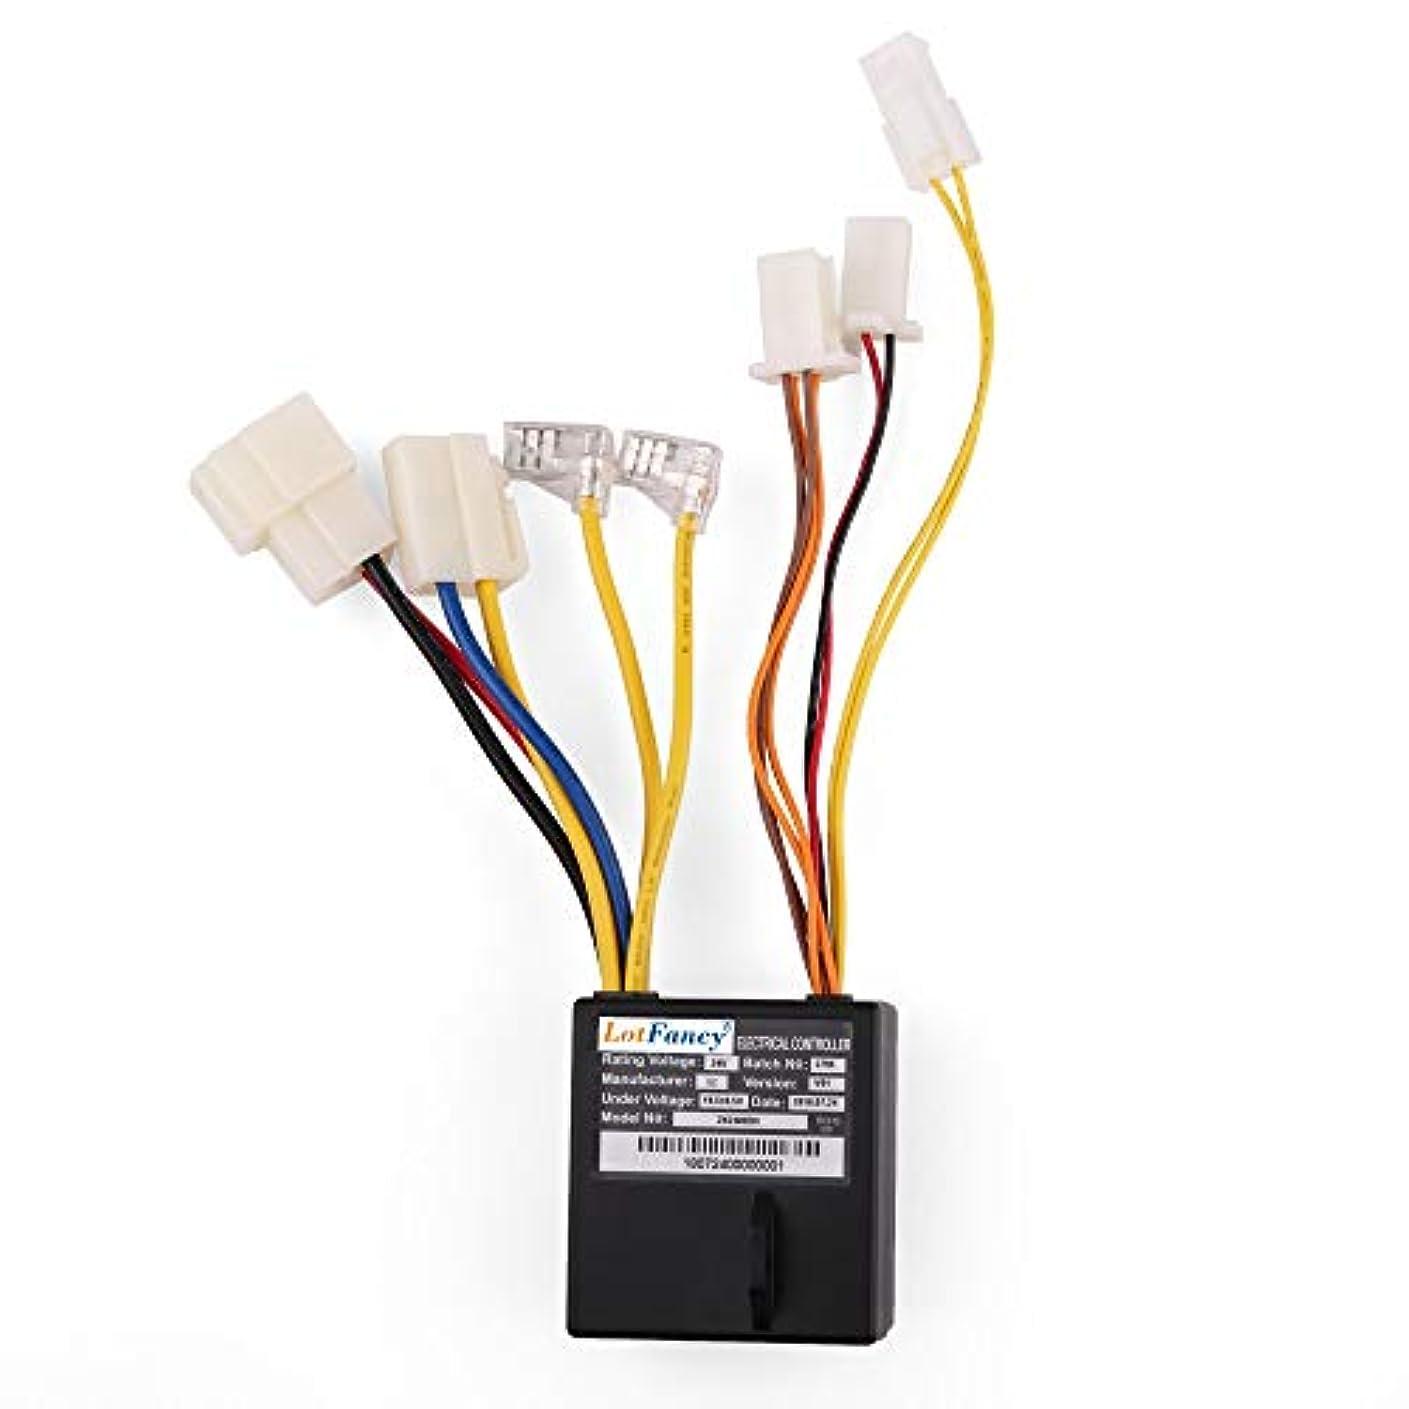 商品祖先ヒューズLotFancy zk2400-DH、スクーターコントローラ:かみそり電力コアE100電動スクーター7つのコネクタ、モデル番号と24Vコントローラ